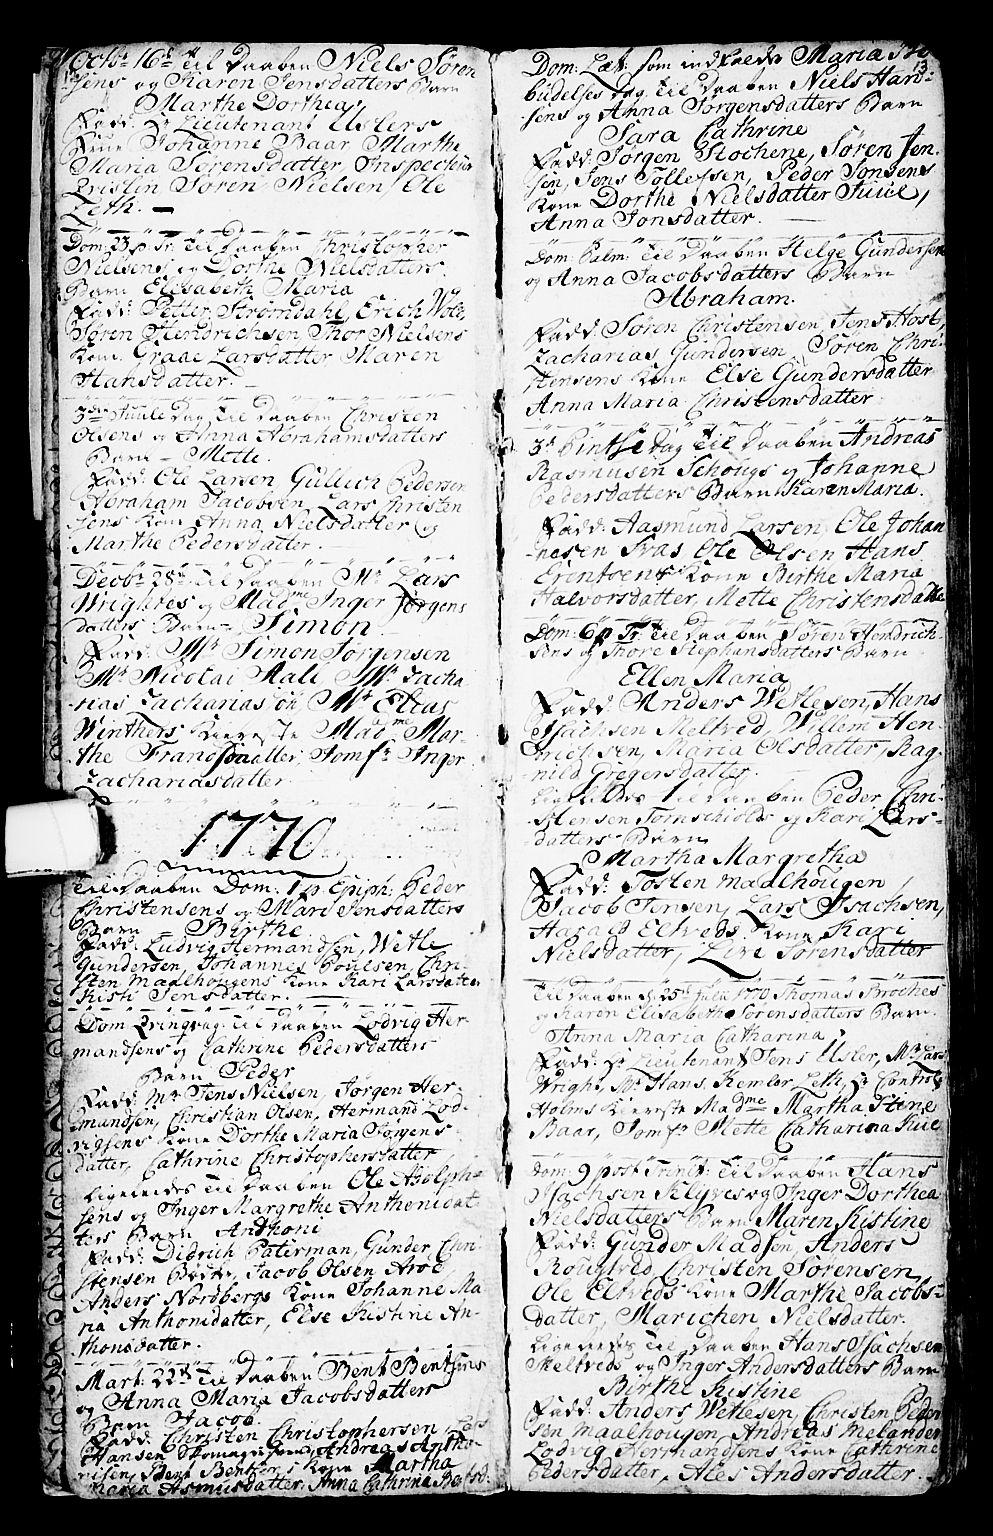 SAKO, Porsgrunn kirkebøker , G/Ga/L0001: Klokkerbok nr. I 1, 1766-1790, s. 12-13